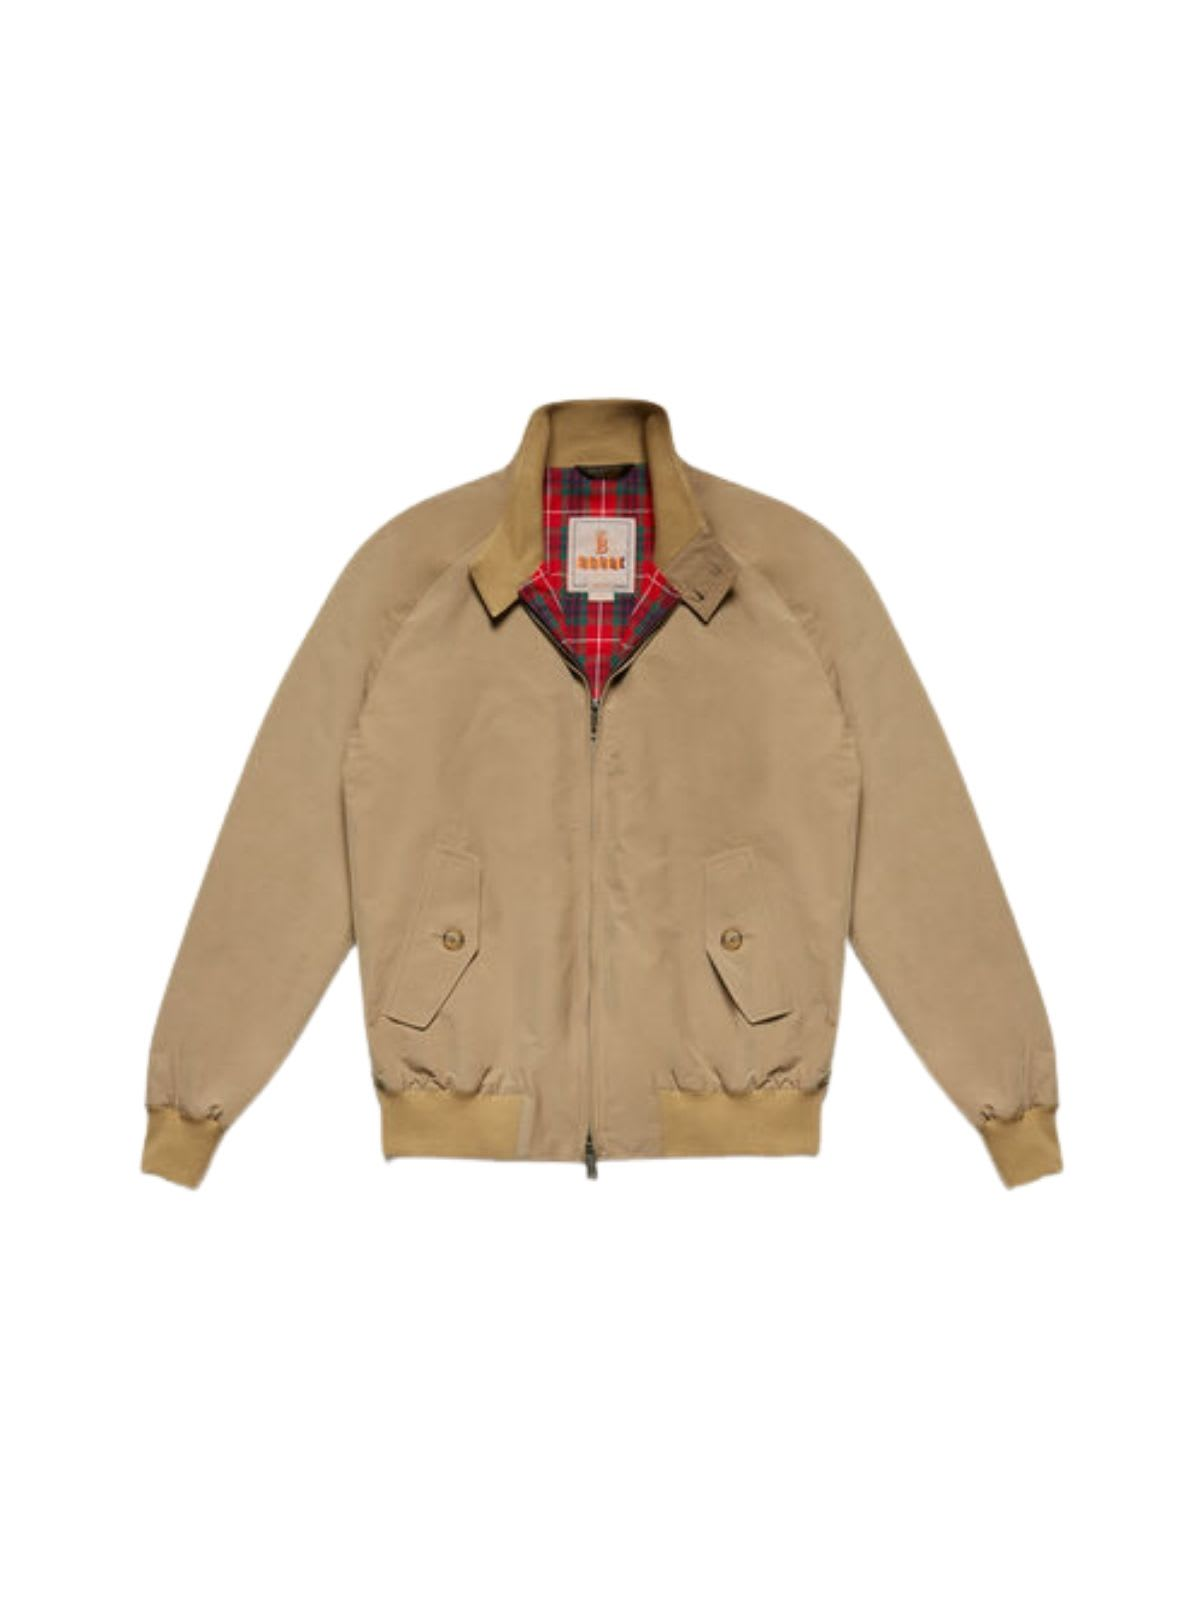 The G Nine Jacket